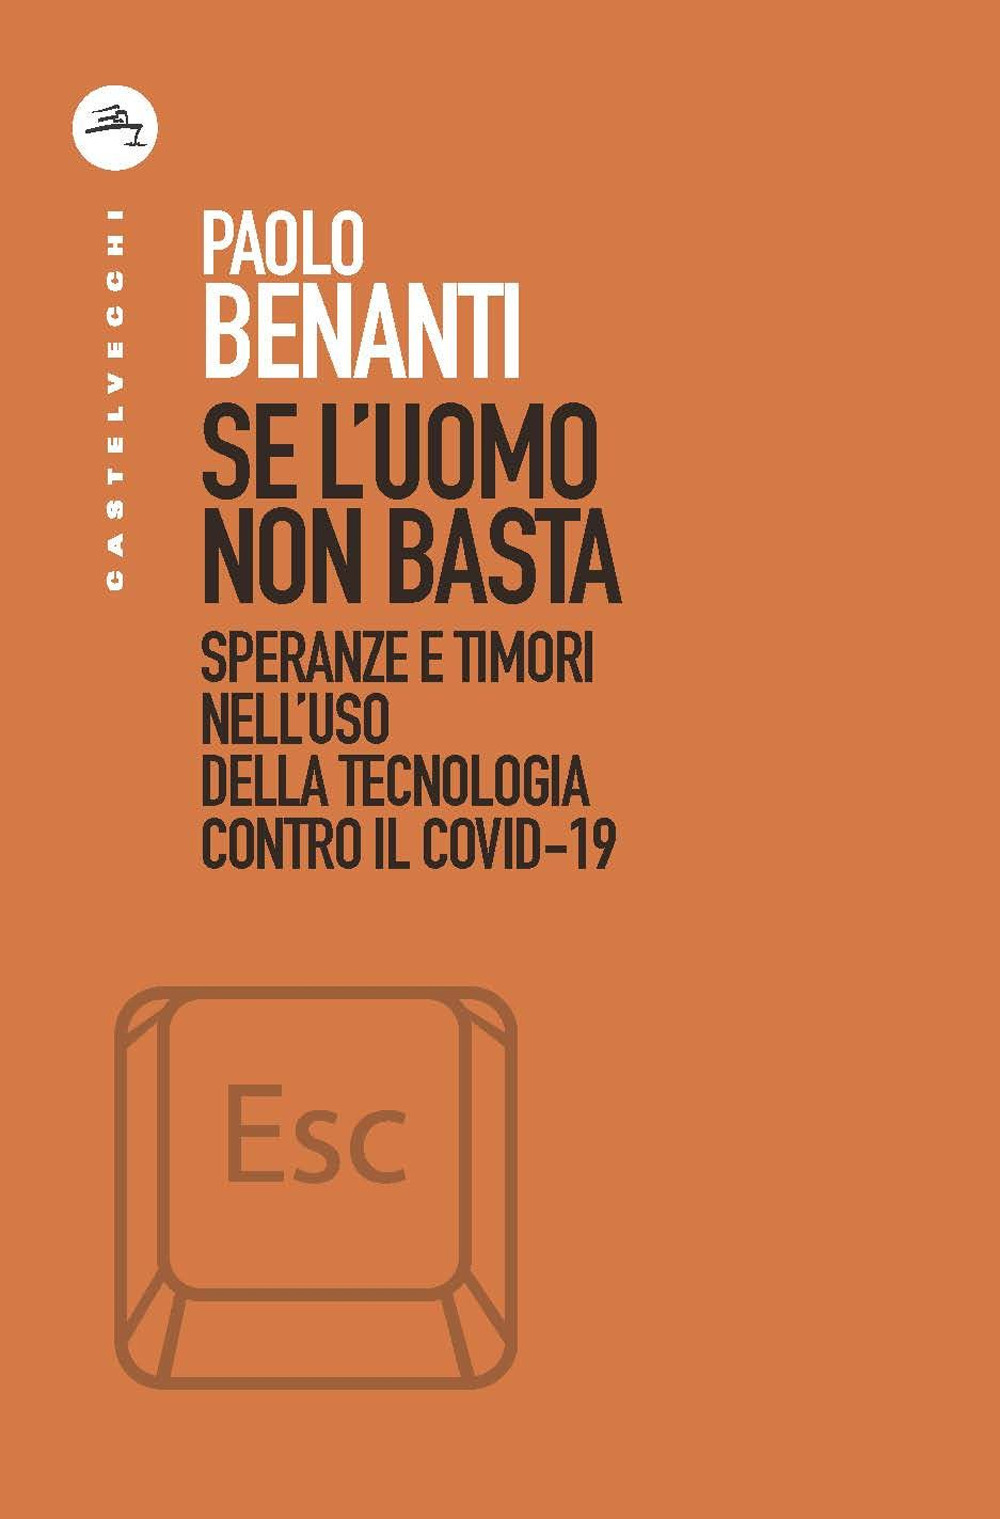 SE L'UOMO NON BASTA. SPERANZE E TIMORI NELL'USO DELLA TECNOLOGIA CONTRO COVID-19 - 9788832900804